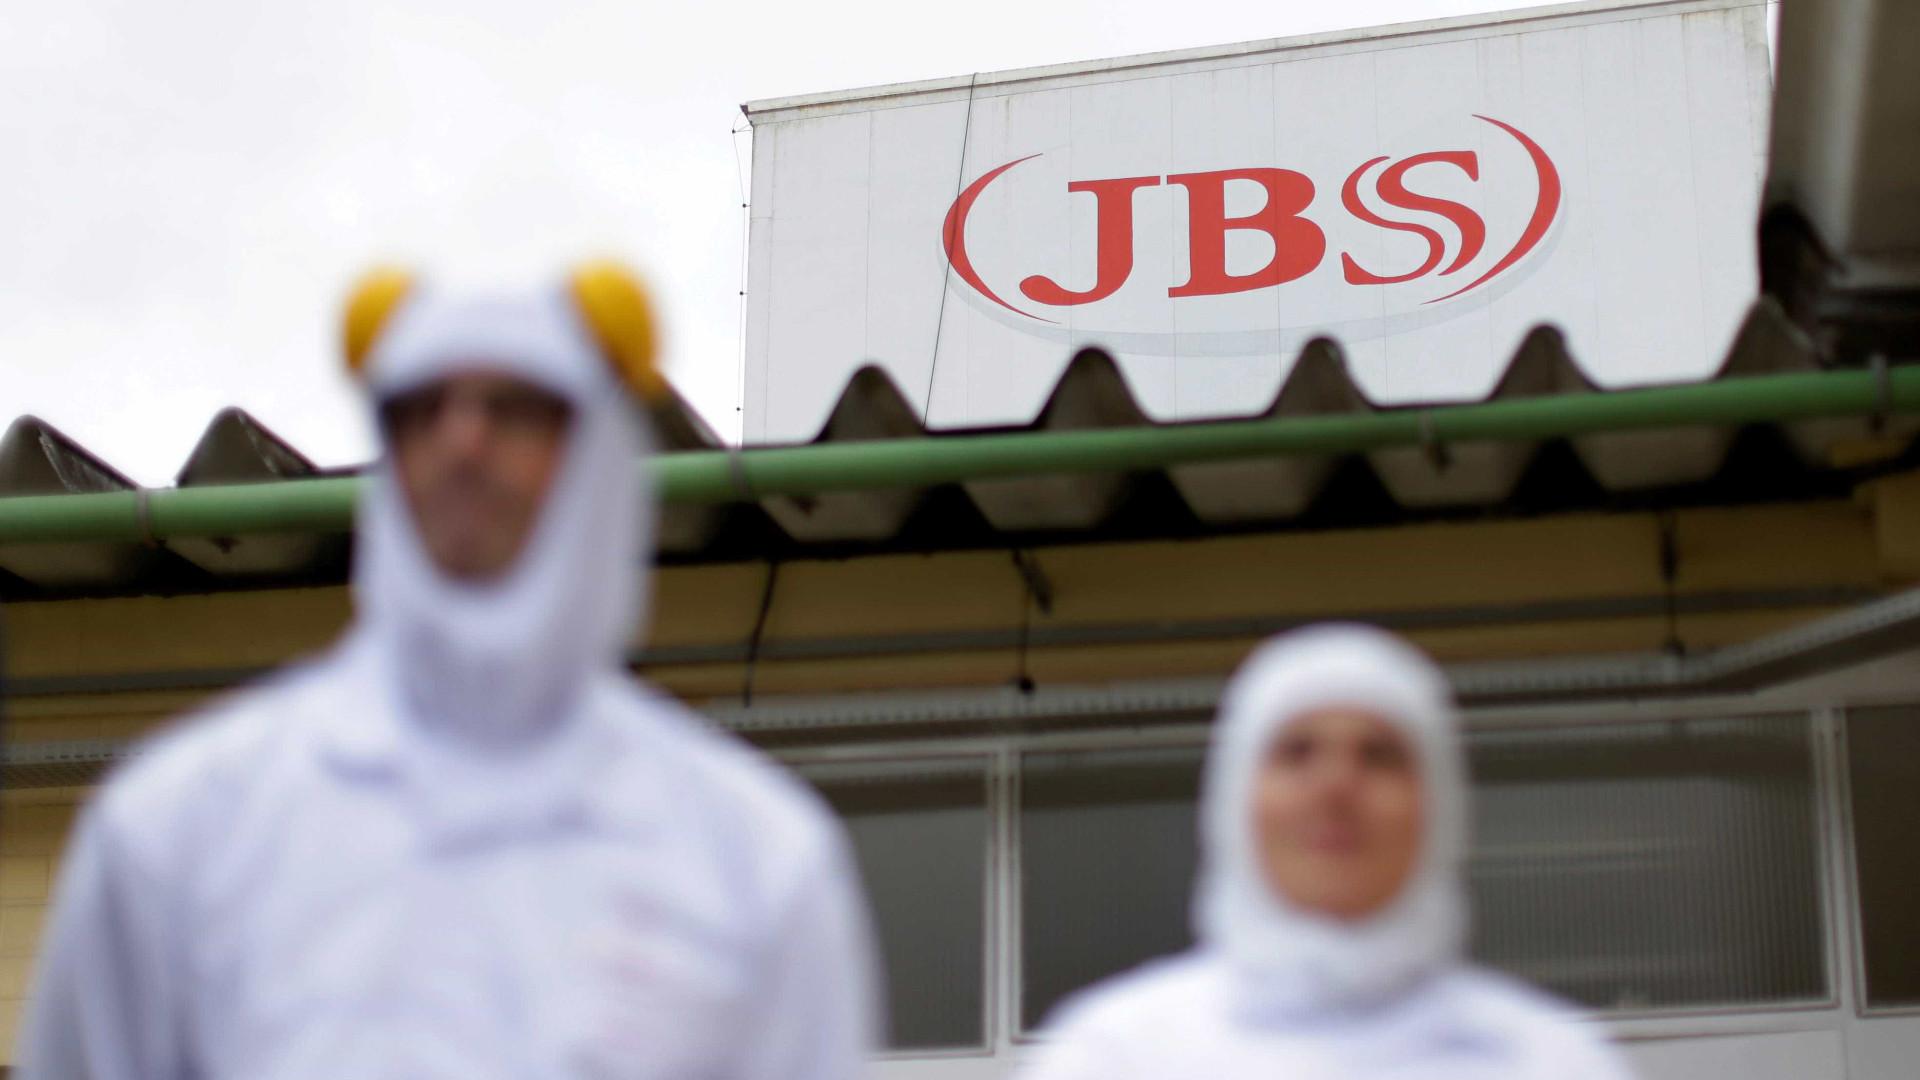 JBS delatou mais de R$ 30 mi em esquemas na Agricultura